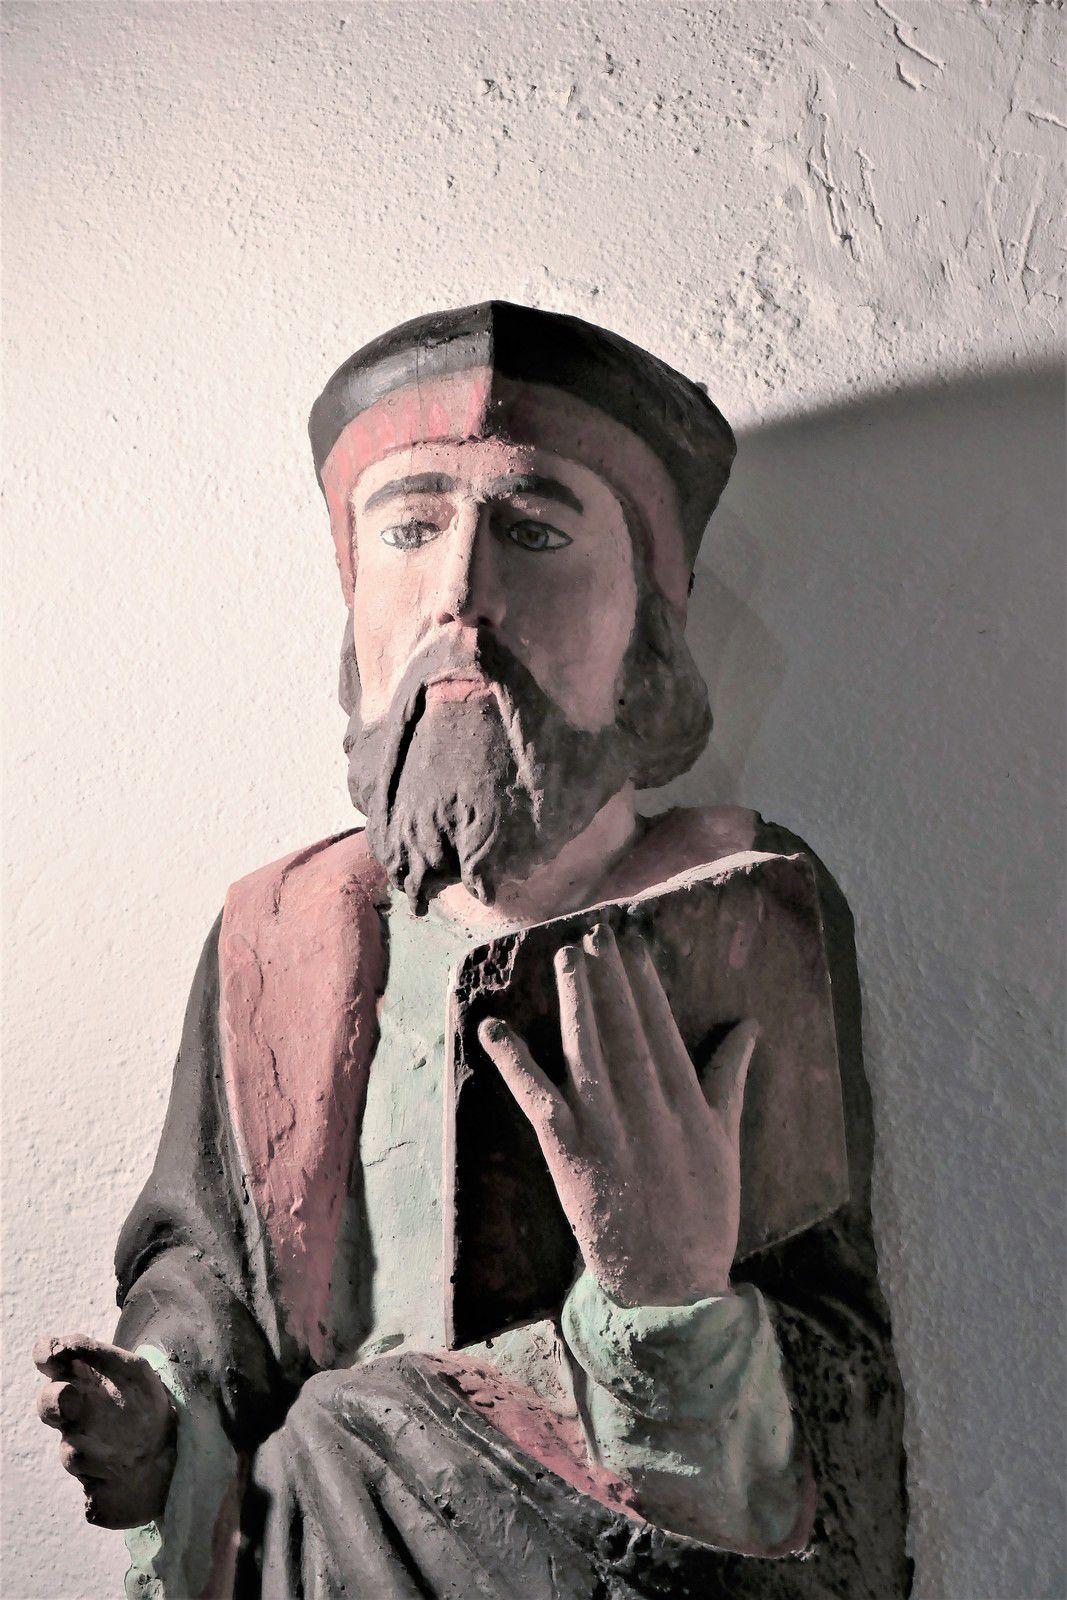 Statue de saint Marc provenant de la chapelle de Lanjulitte, exposée dans l' église de Telgruc. Photographie lavieb-aile juillet 2020.